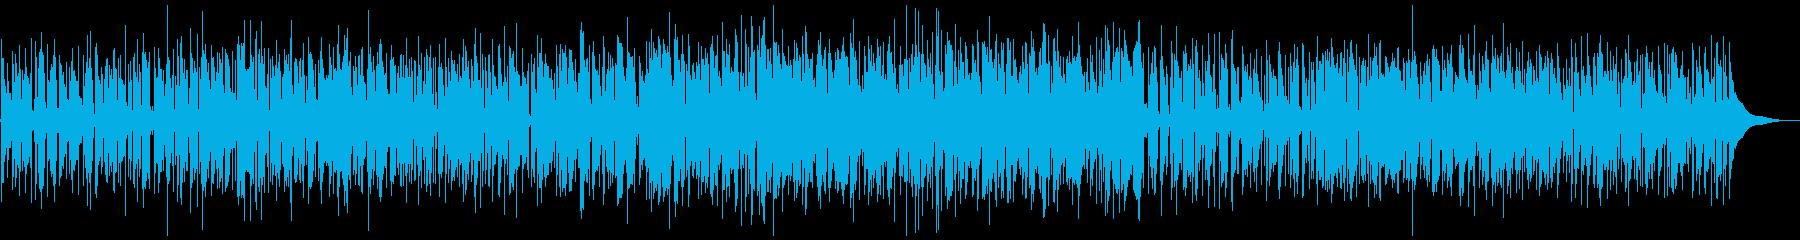 お洒落なジャズファンク、ソプラノSAXの再生済みの波形